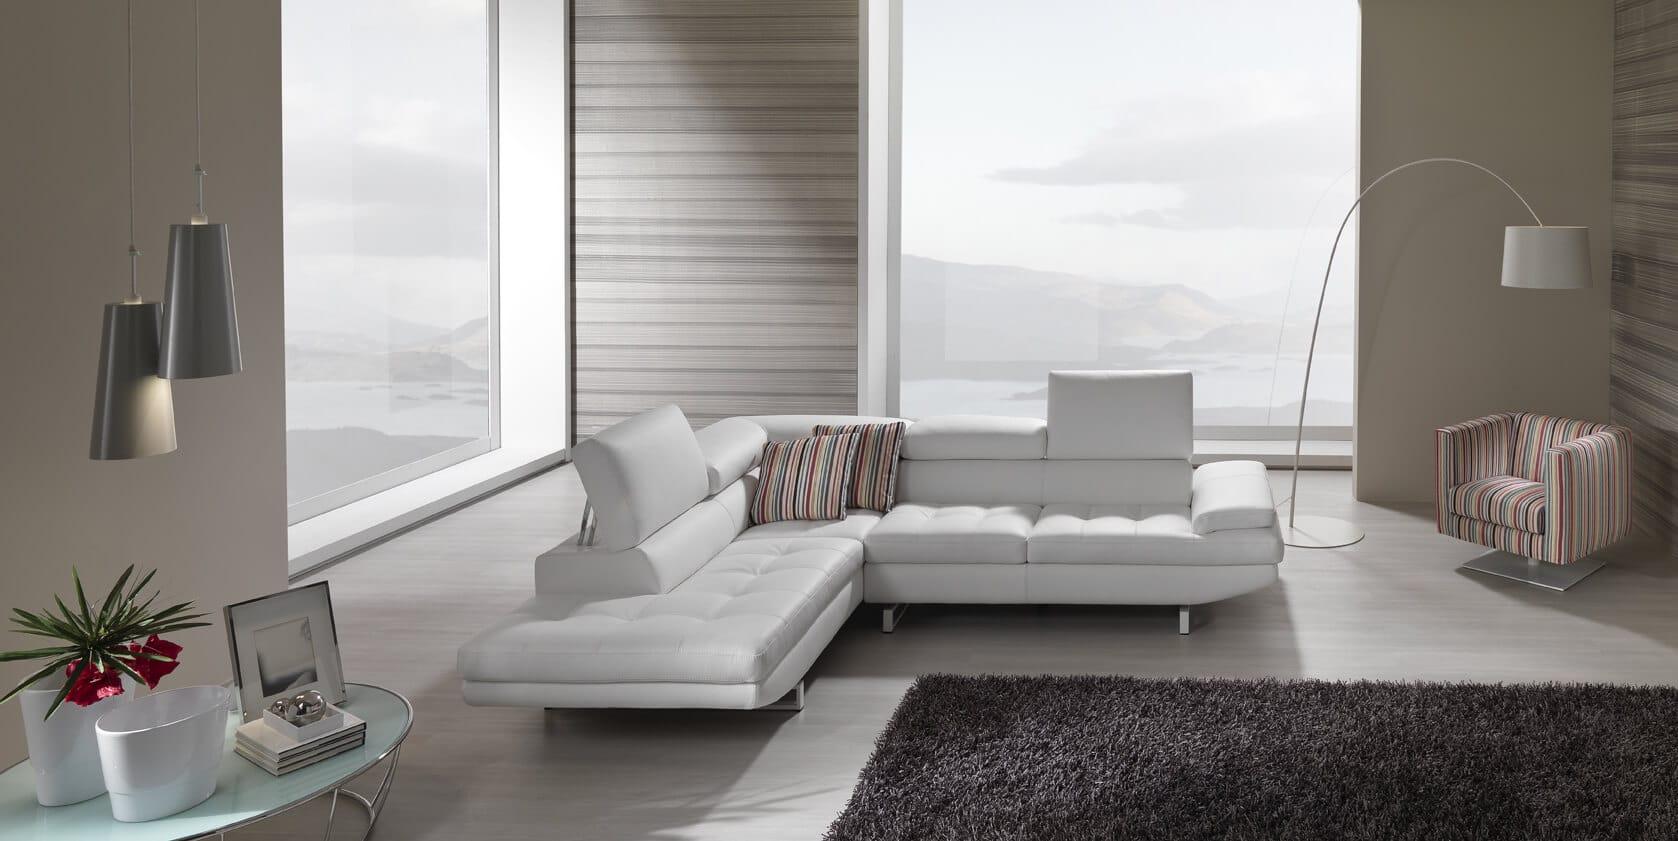 Divano modello tokyo artigianale offerte divani fissi e - Offerta divano angolare ...